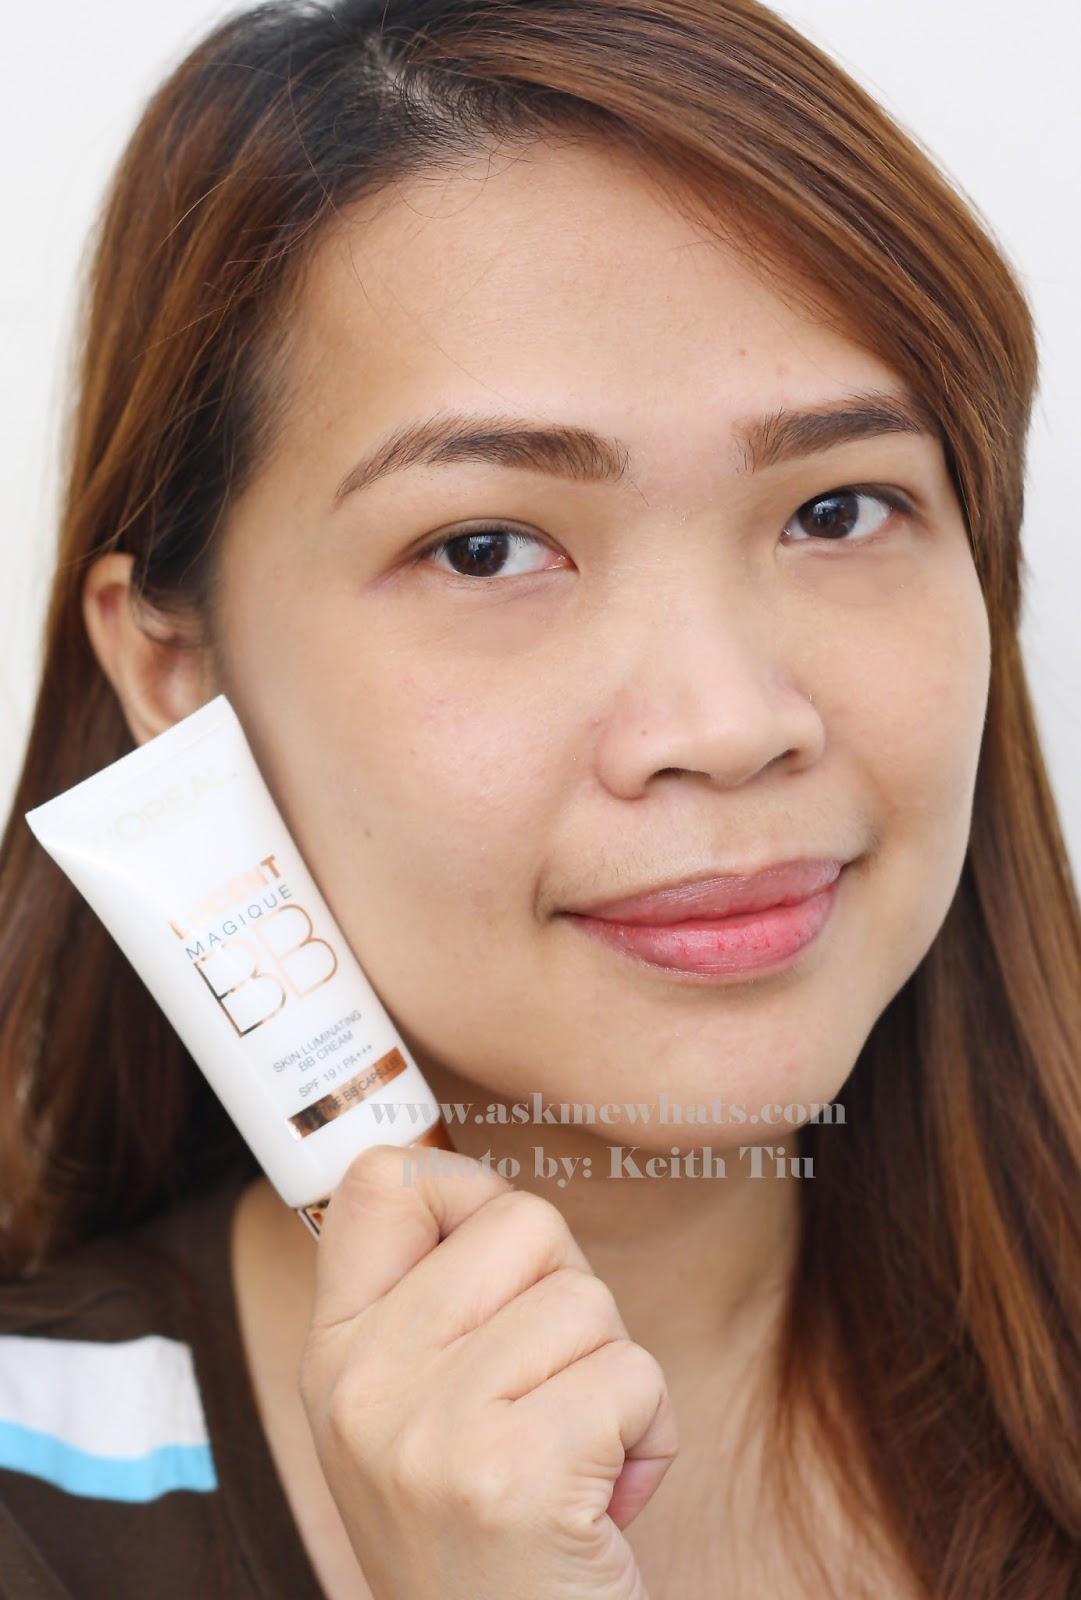 L'Oreal Paris Lucent Magique BB Skin Luminizing BB Cream SPF19 review.